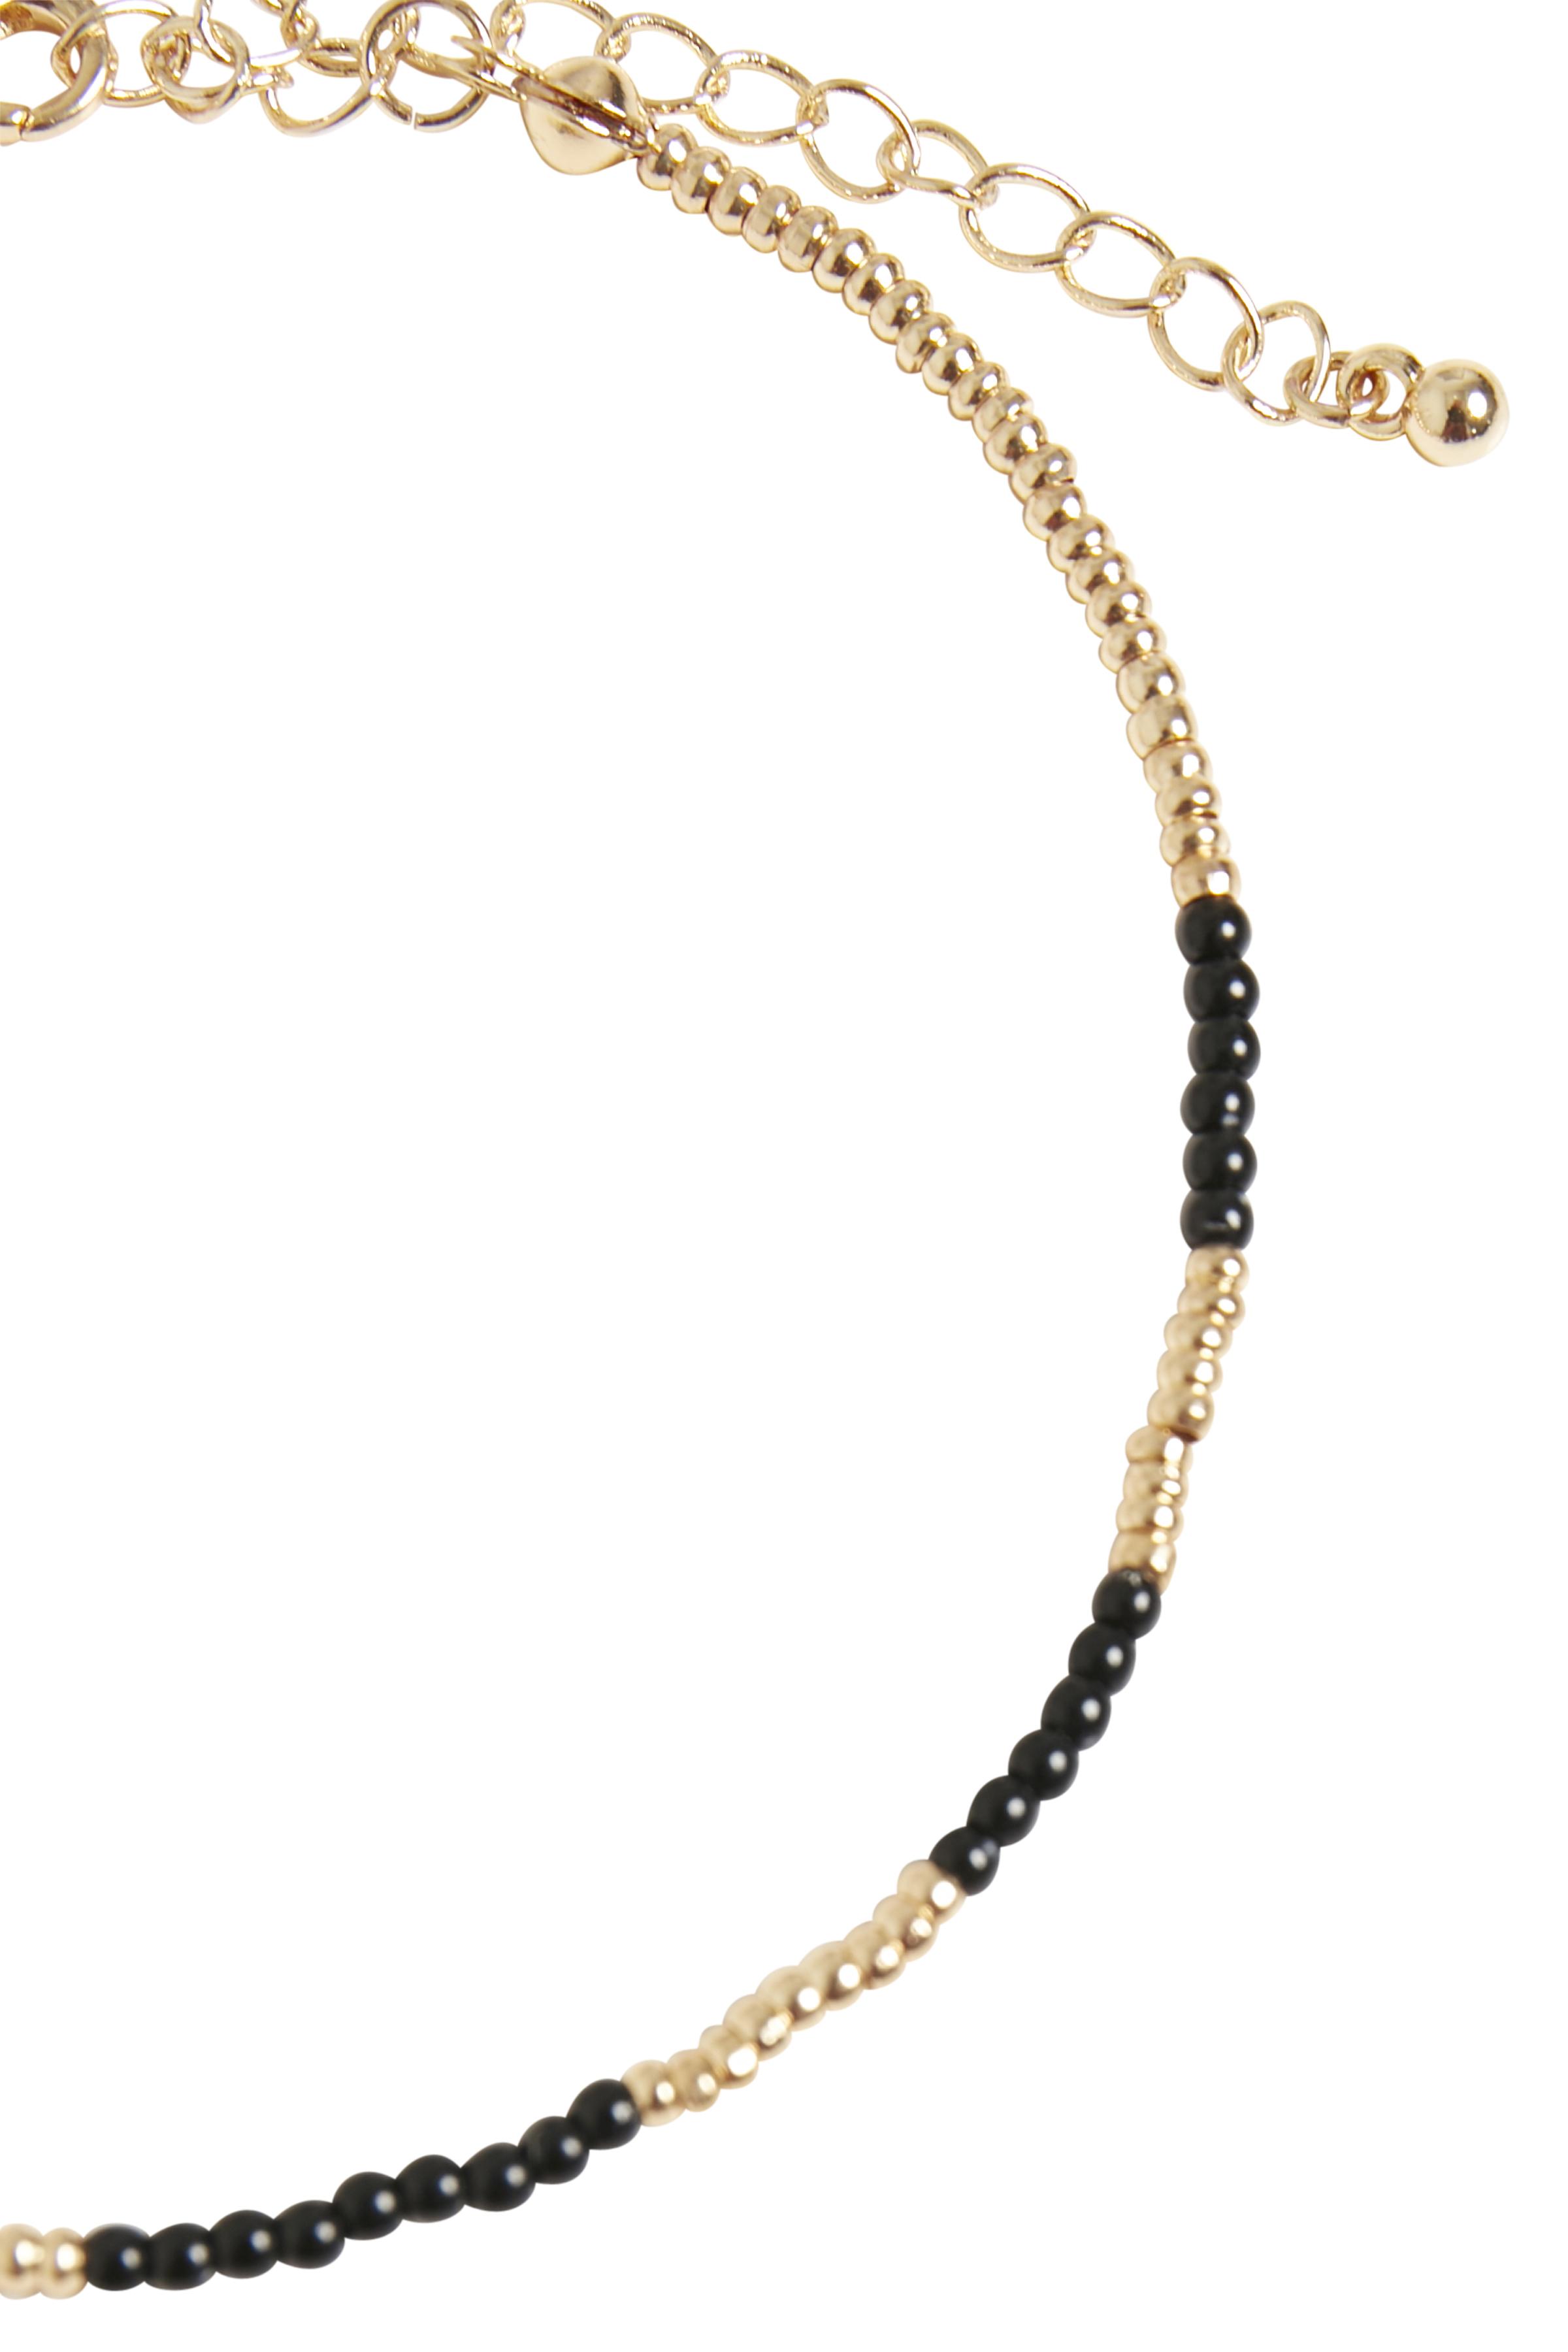 Guld Armbånd  fra Fransa – Køb Guld Armbånd  fra str. ONE her